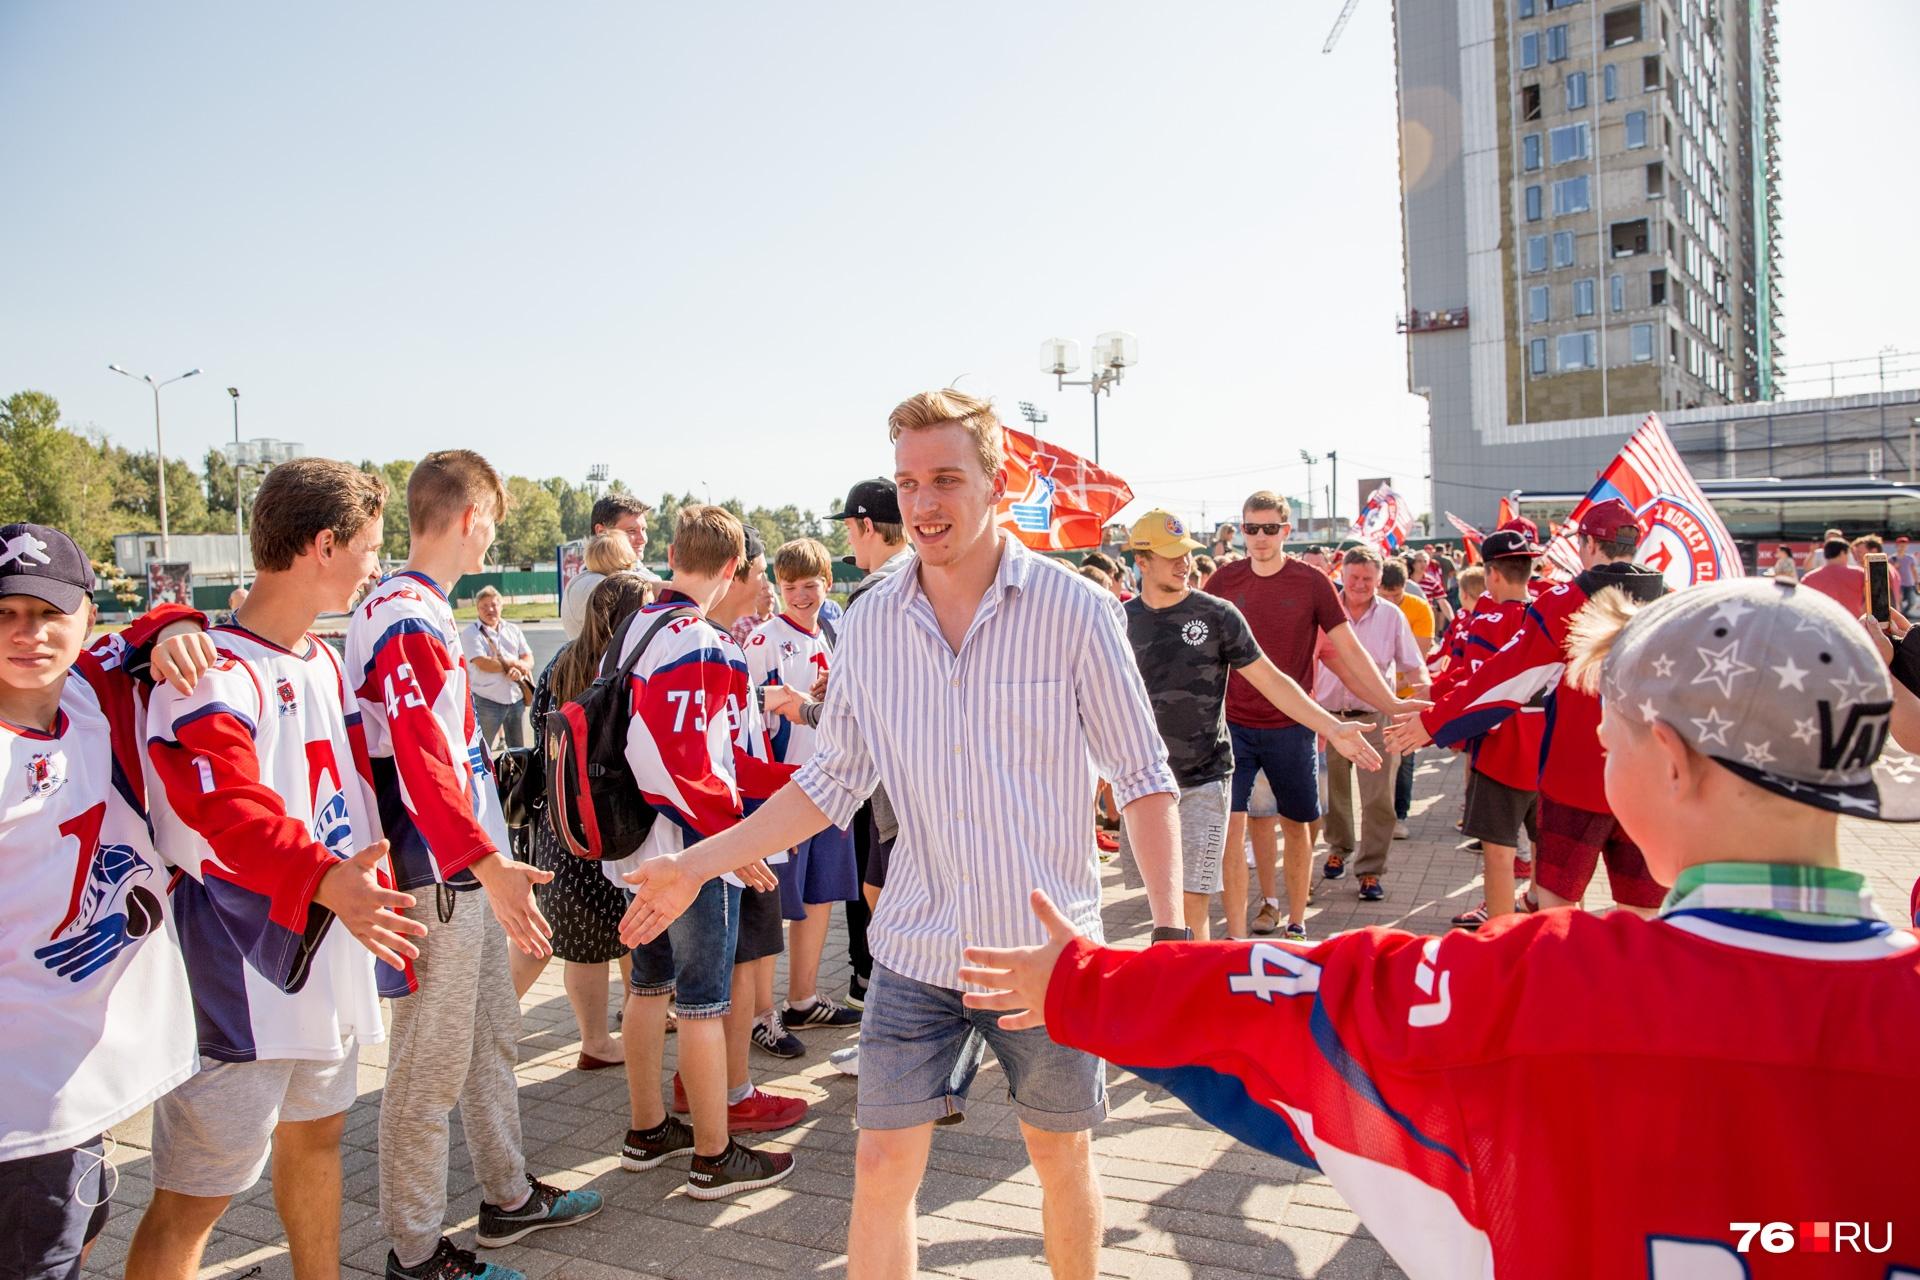 Победители Кубка вернулись в Ярославль